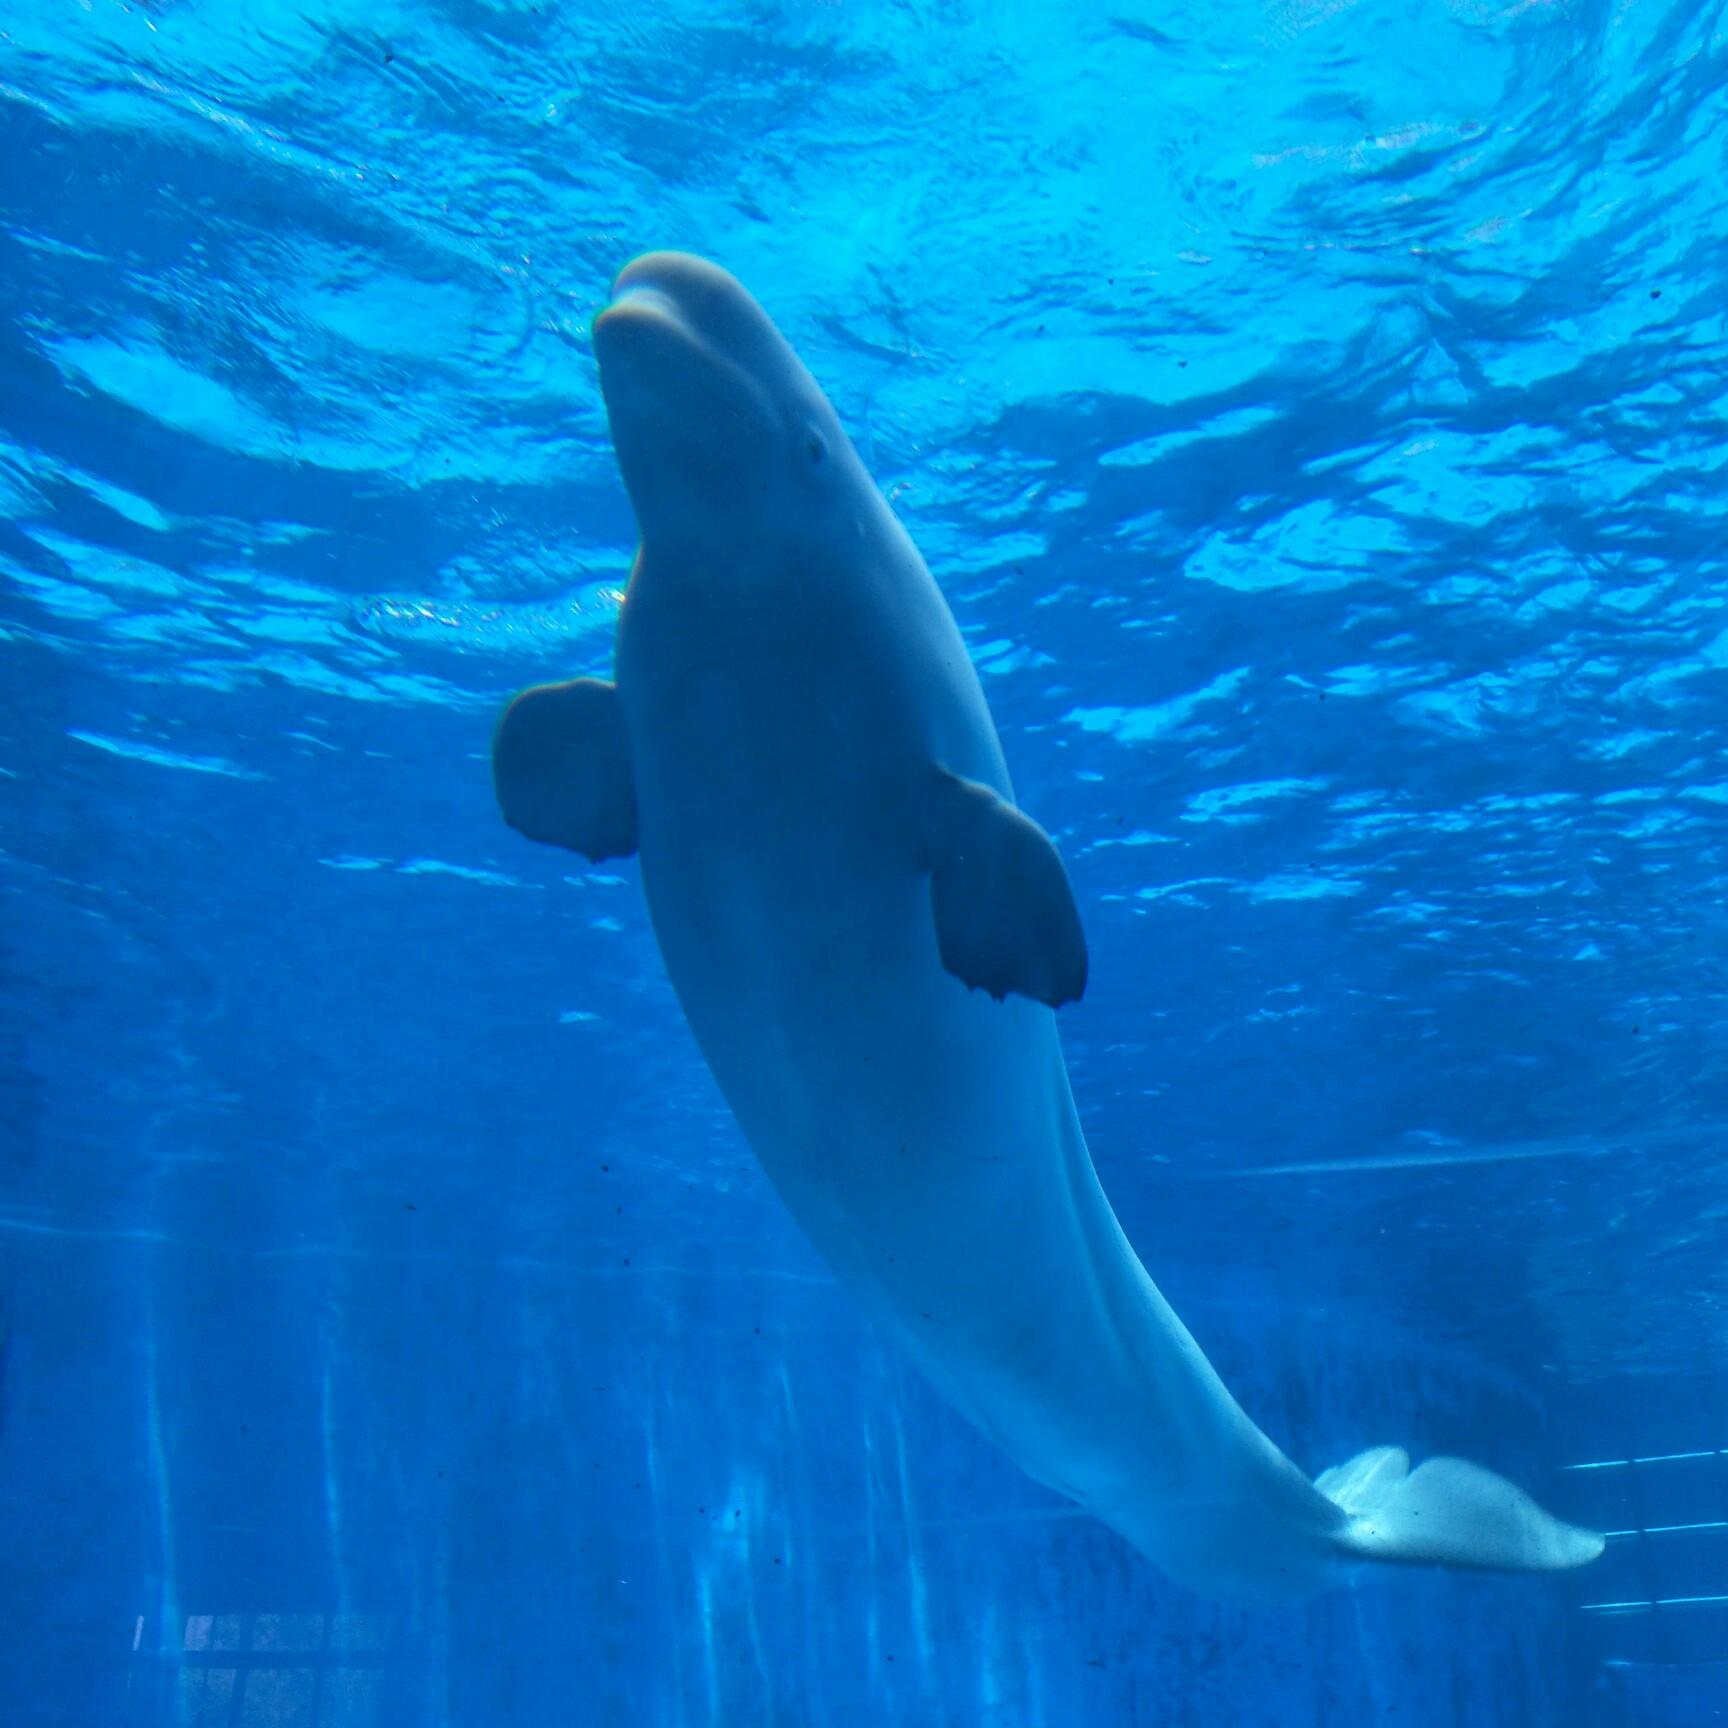 壁纸 动物 海底 海底世界 海洋动物 海洋馆 鲸鱼 水族馆 桌面 1728